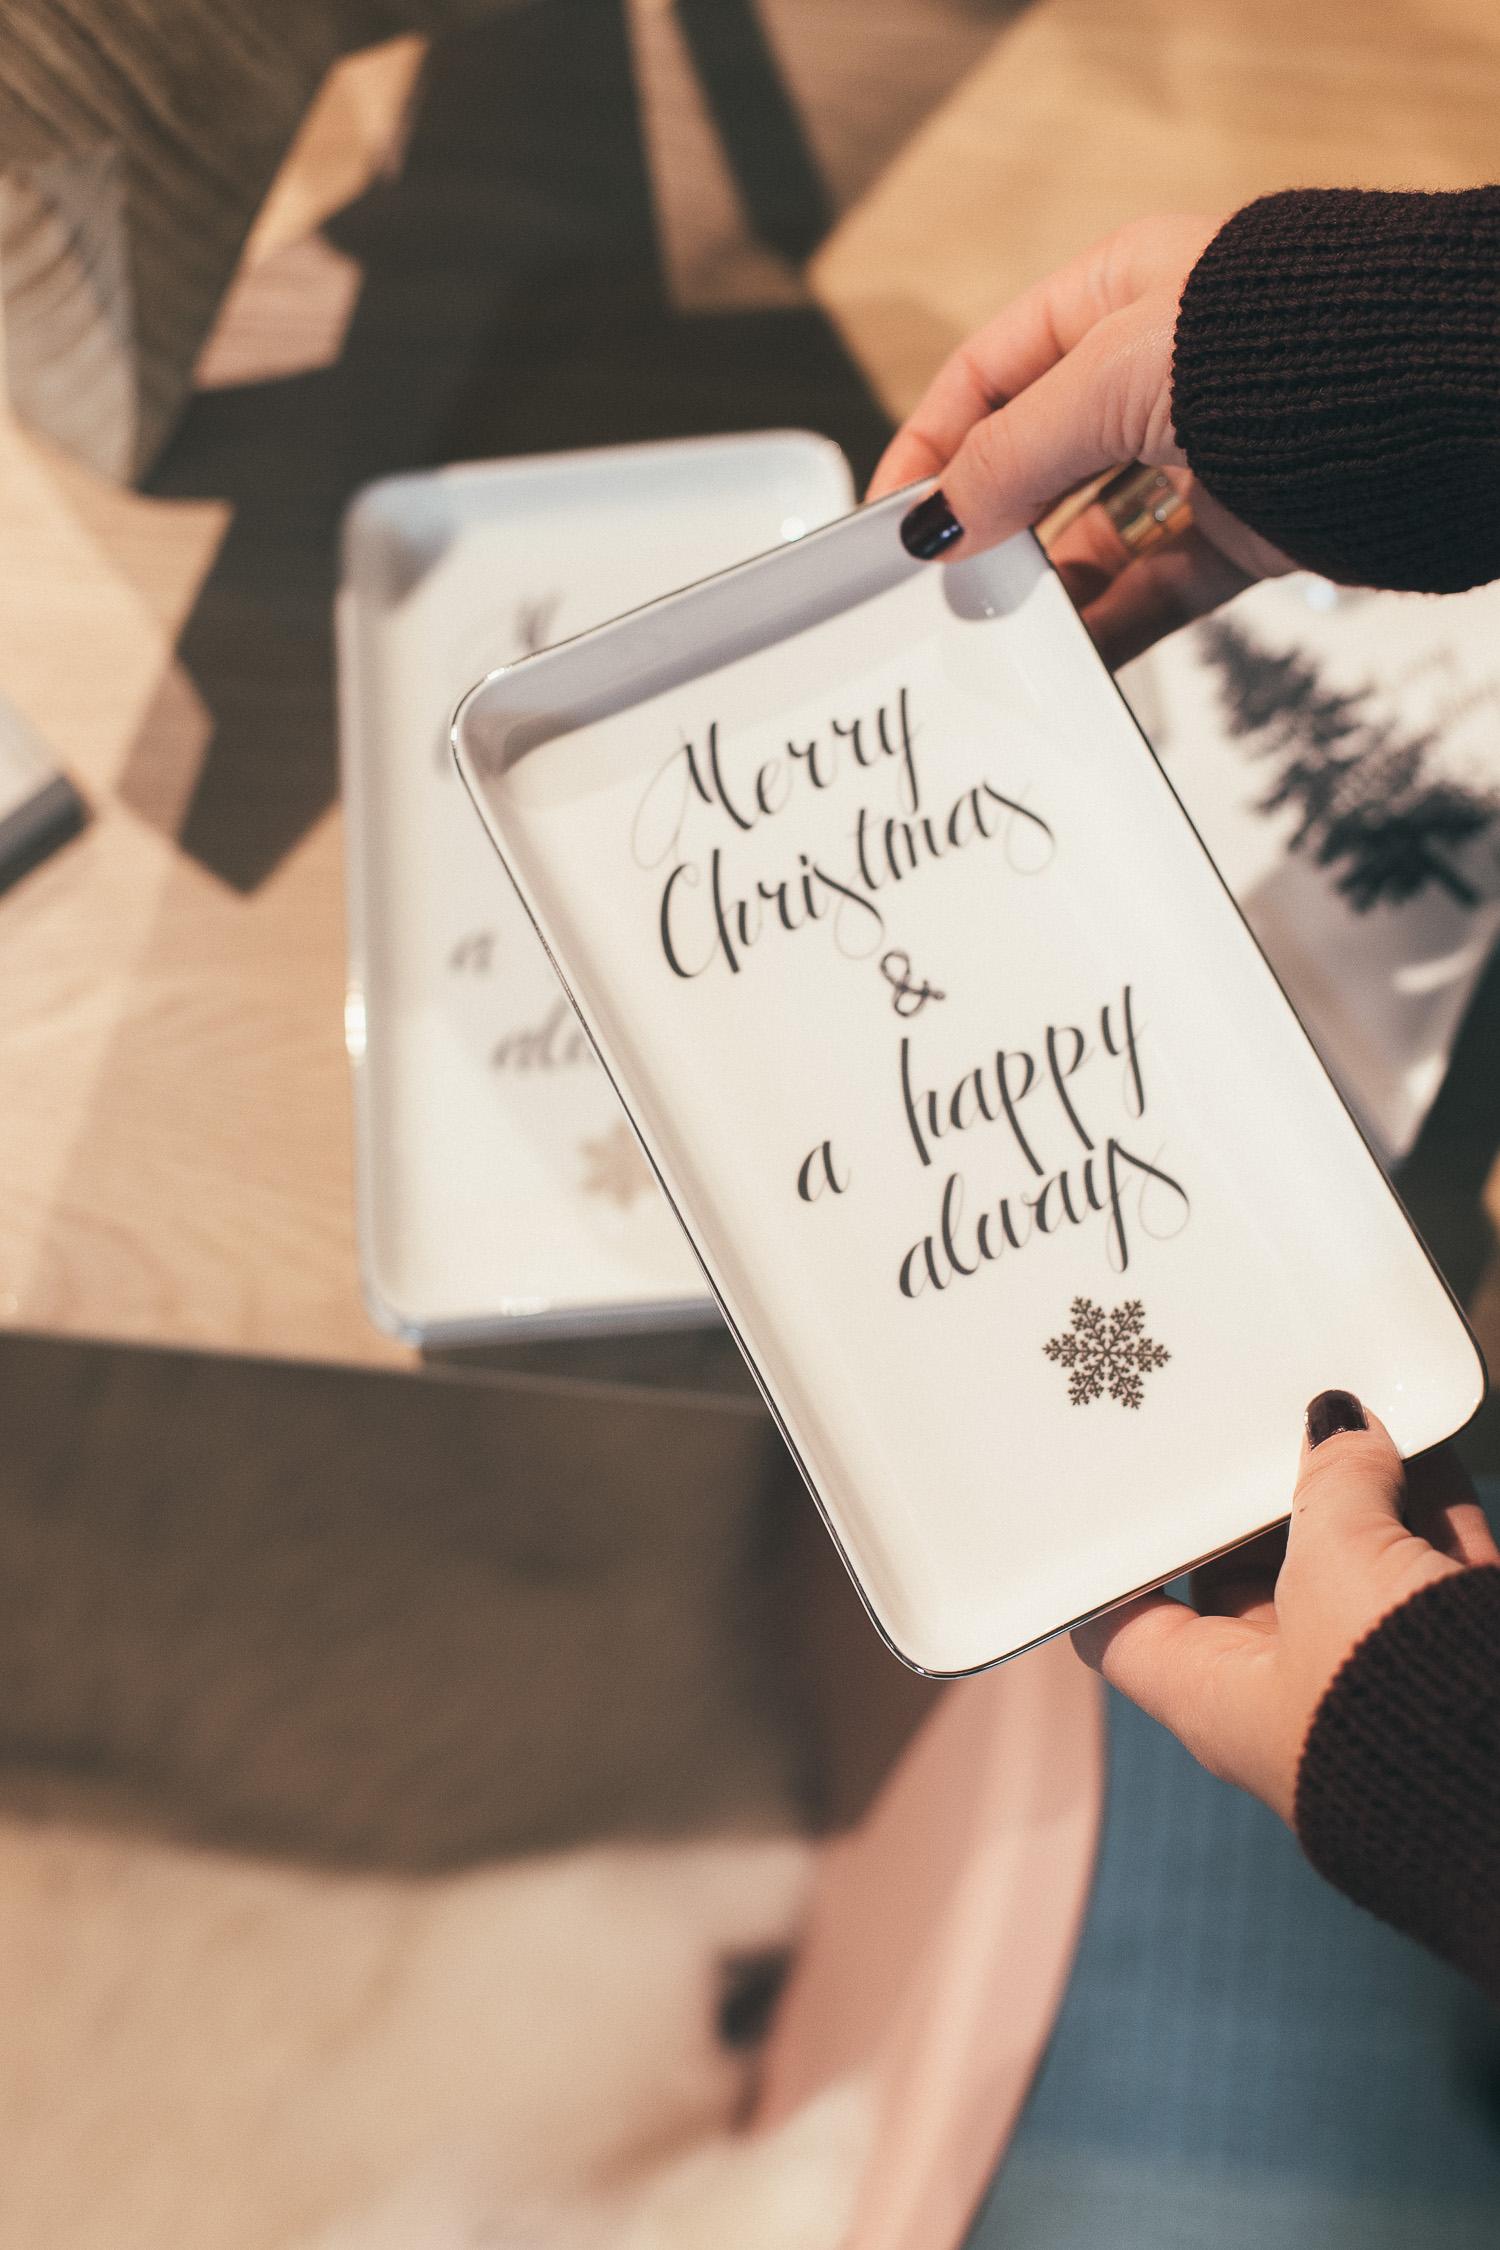 ... Die Mädels Und Jungs Im Store Wissen Bescheid. Happy Christmas  Shopping! Und Für All Diejenigen, Die Es In Den Kommenden Sieben Tagen  Nicht Nach München ...